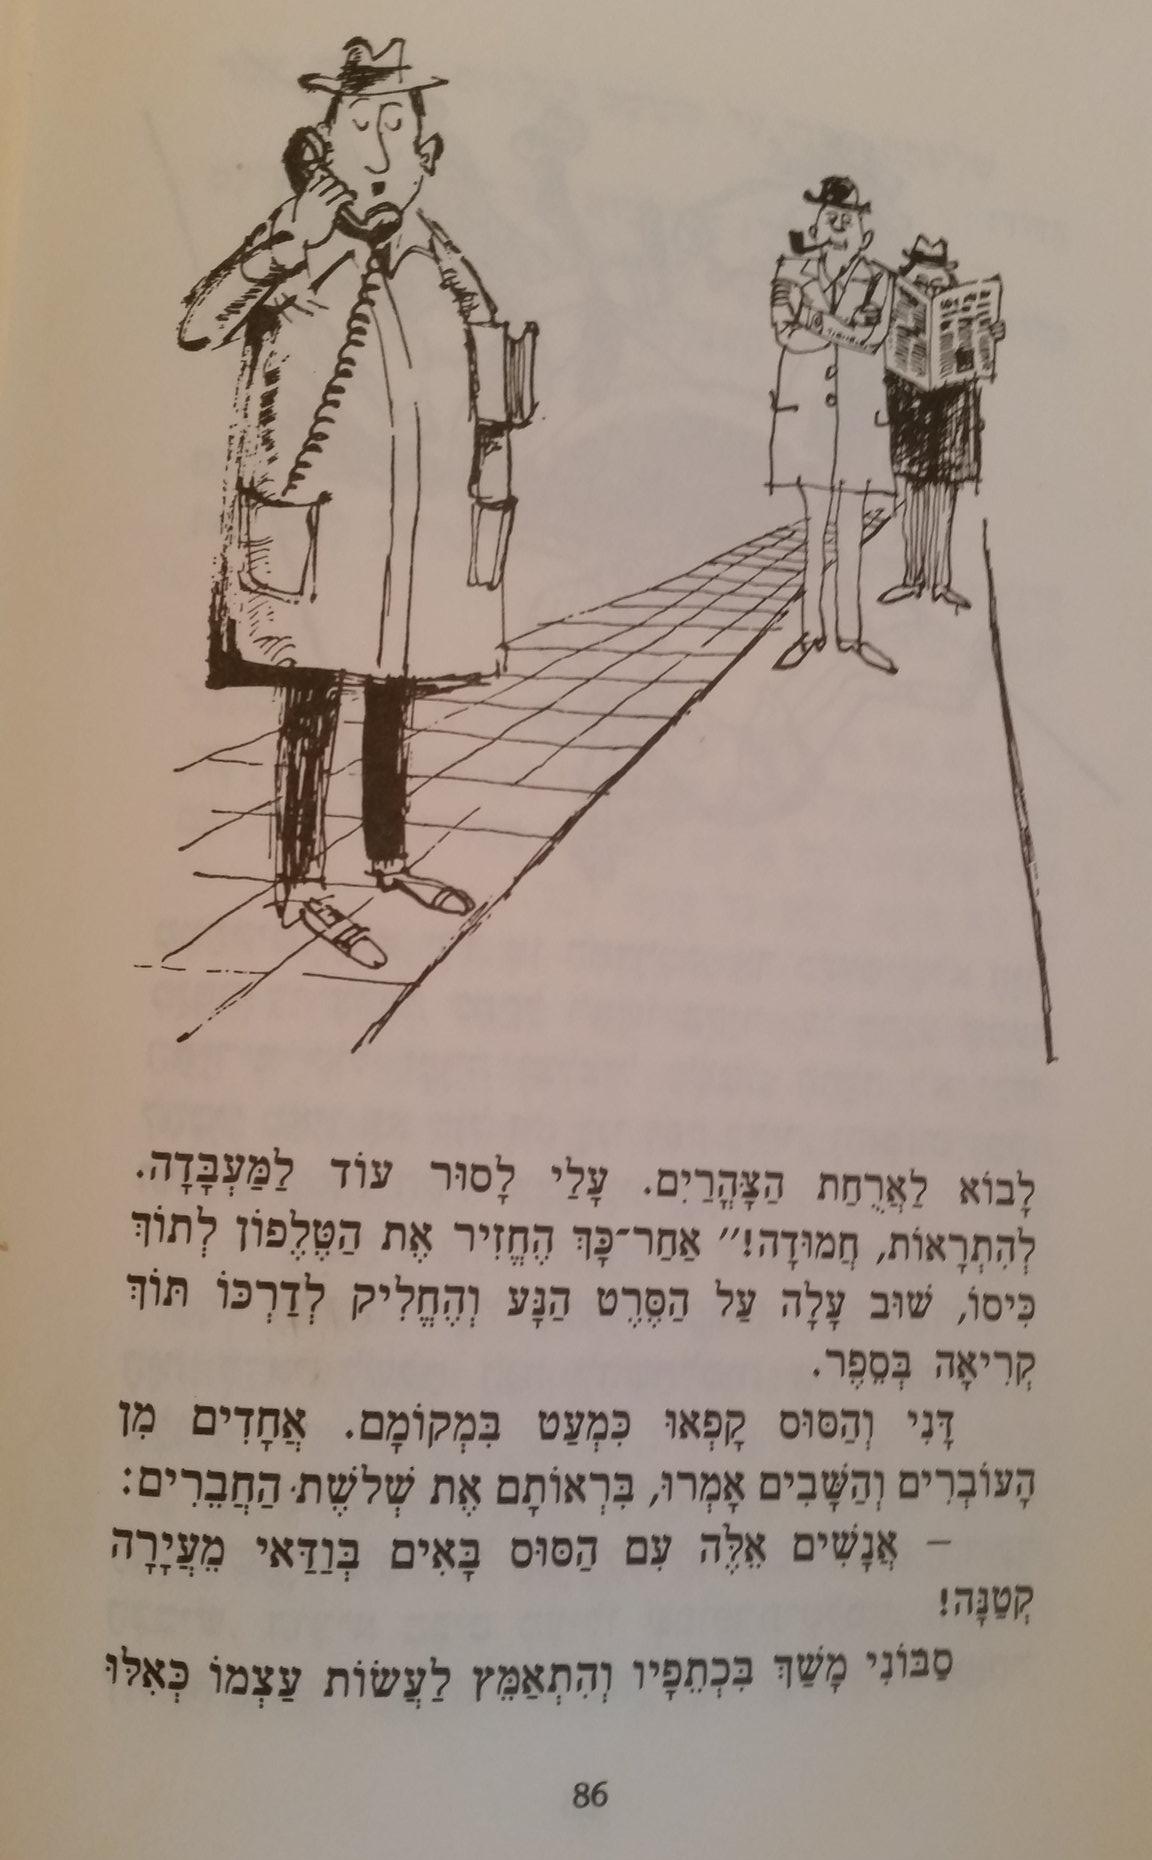 """עמוד מהספר """"35 במאי"""" שכתב אריך קסטנר, עם איור של ולטר טריר, בתרגום אלישבע קפלן"""